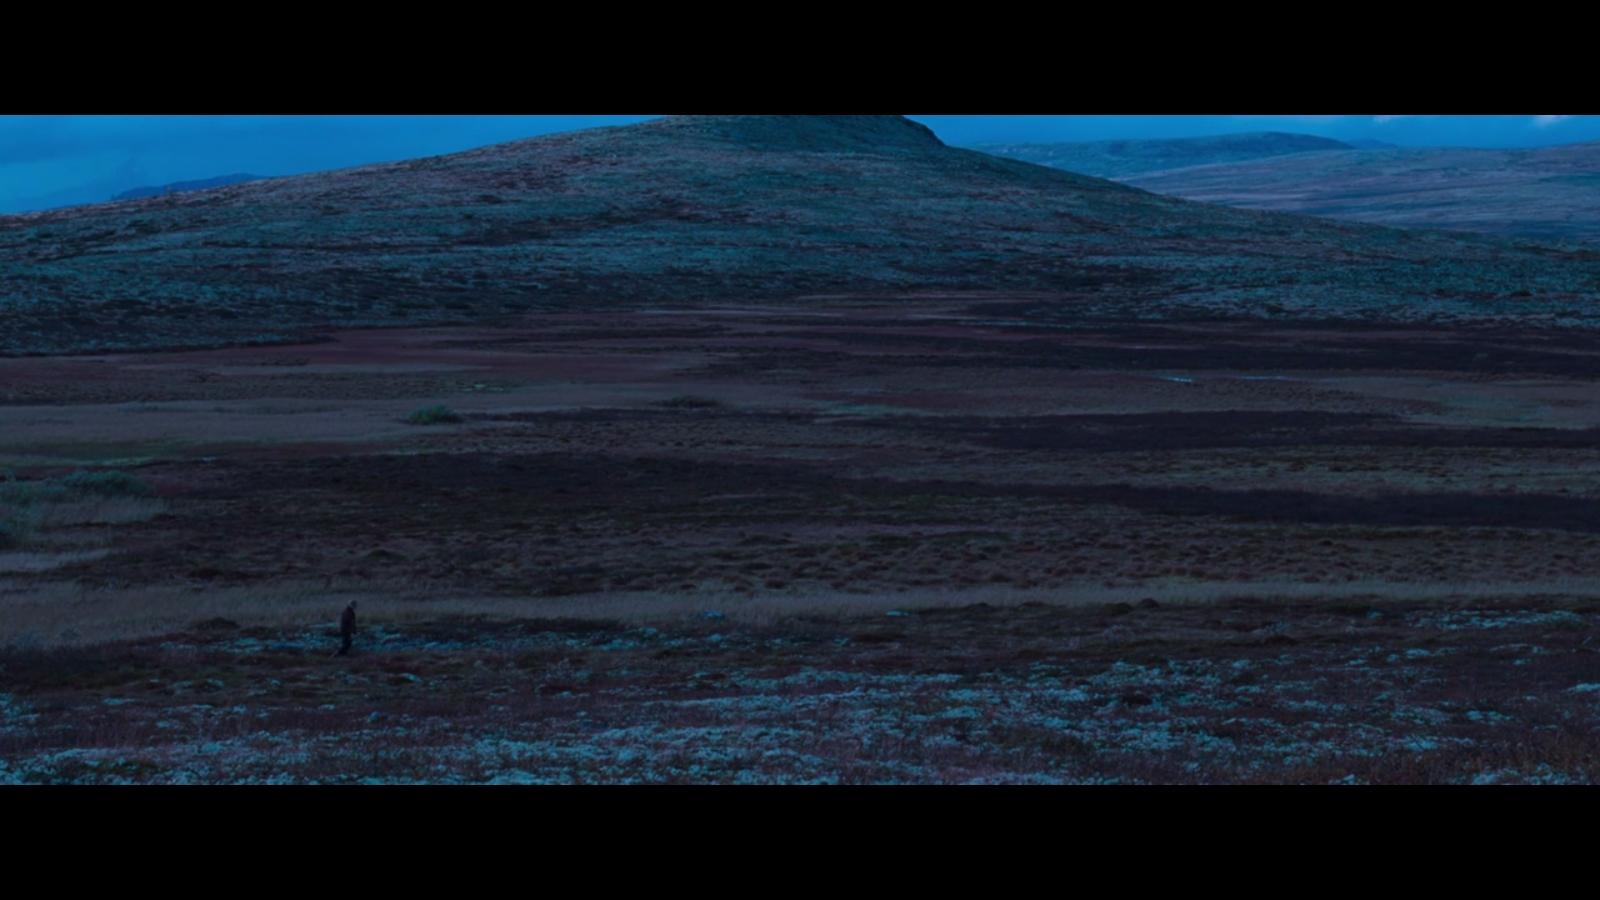 ...er horisontale, lagdelte bilder som tilsammen utgjør tomrommet/labyrinten brødrene orienterer seg gjennom.